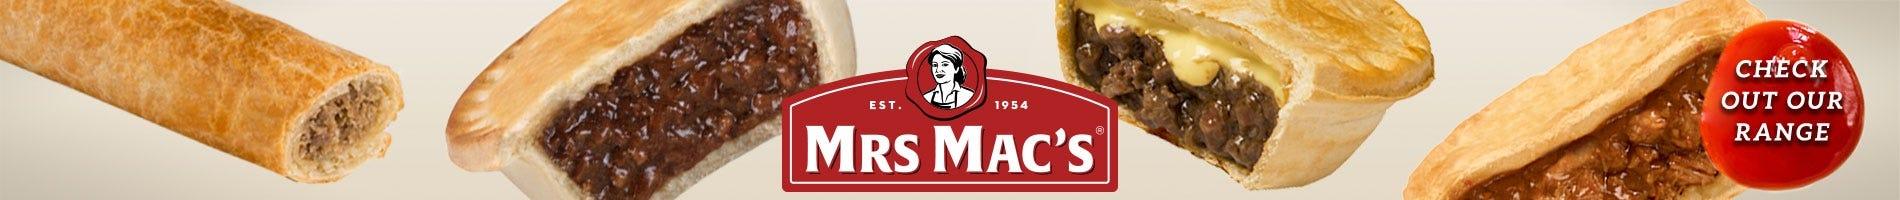 Click to Shop Mrs Macs